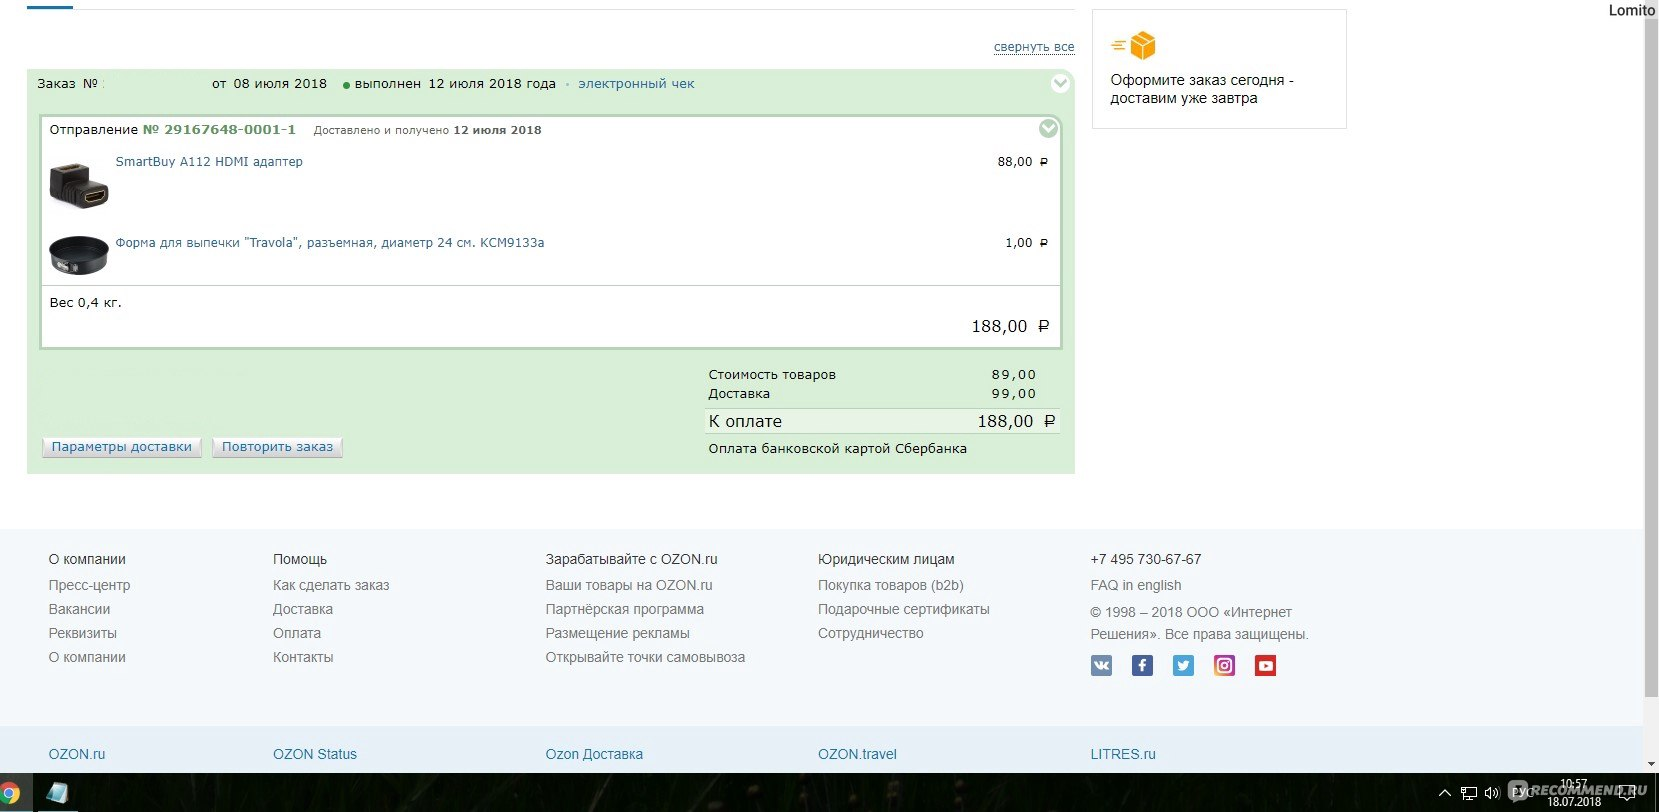 667de64acaca Ozon.ru» - интернет-магазин - «OZON.RU - или как попасть на деньги ...